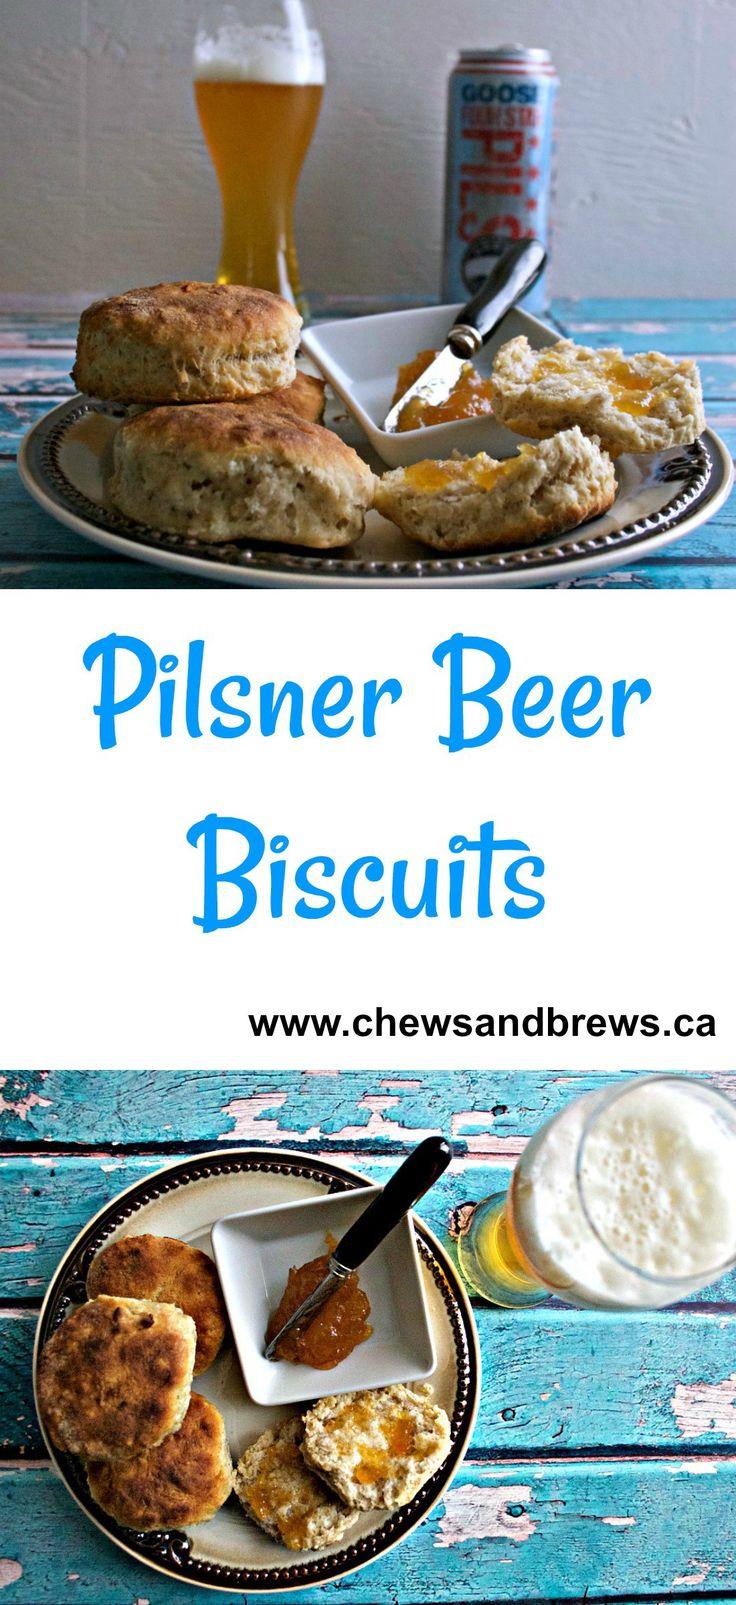 Pilsner Beer Biscuits ~ www.chewsandbrews.ca